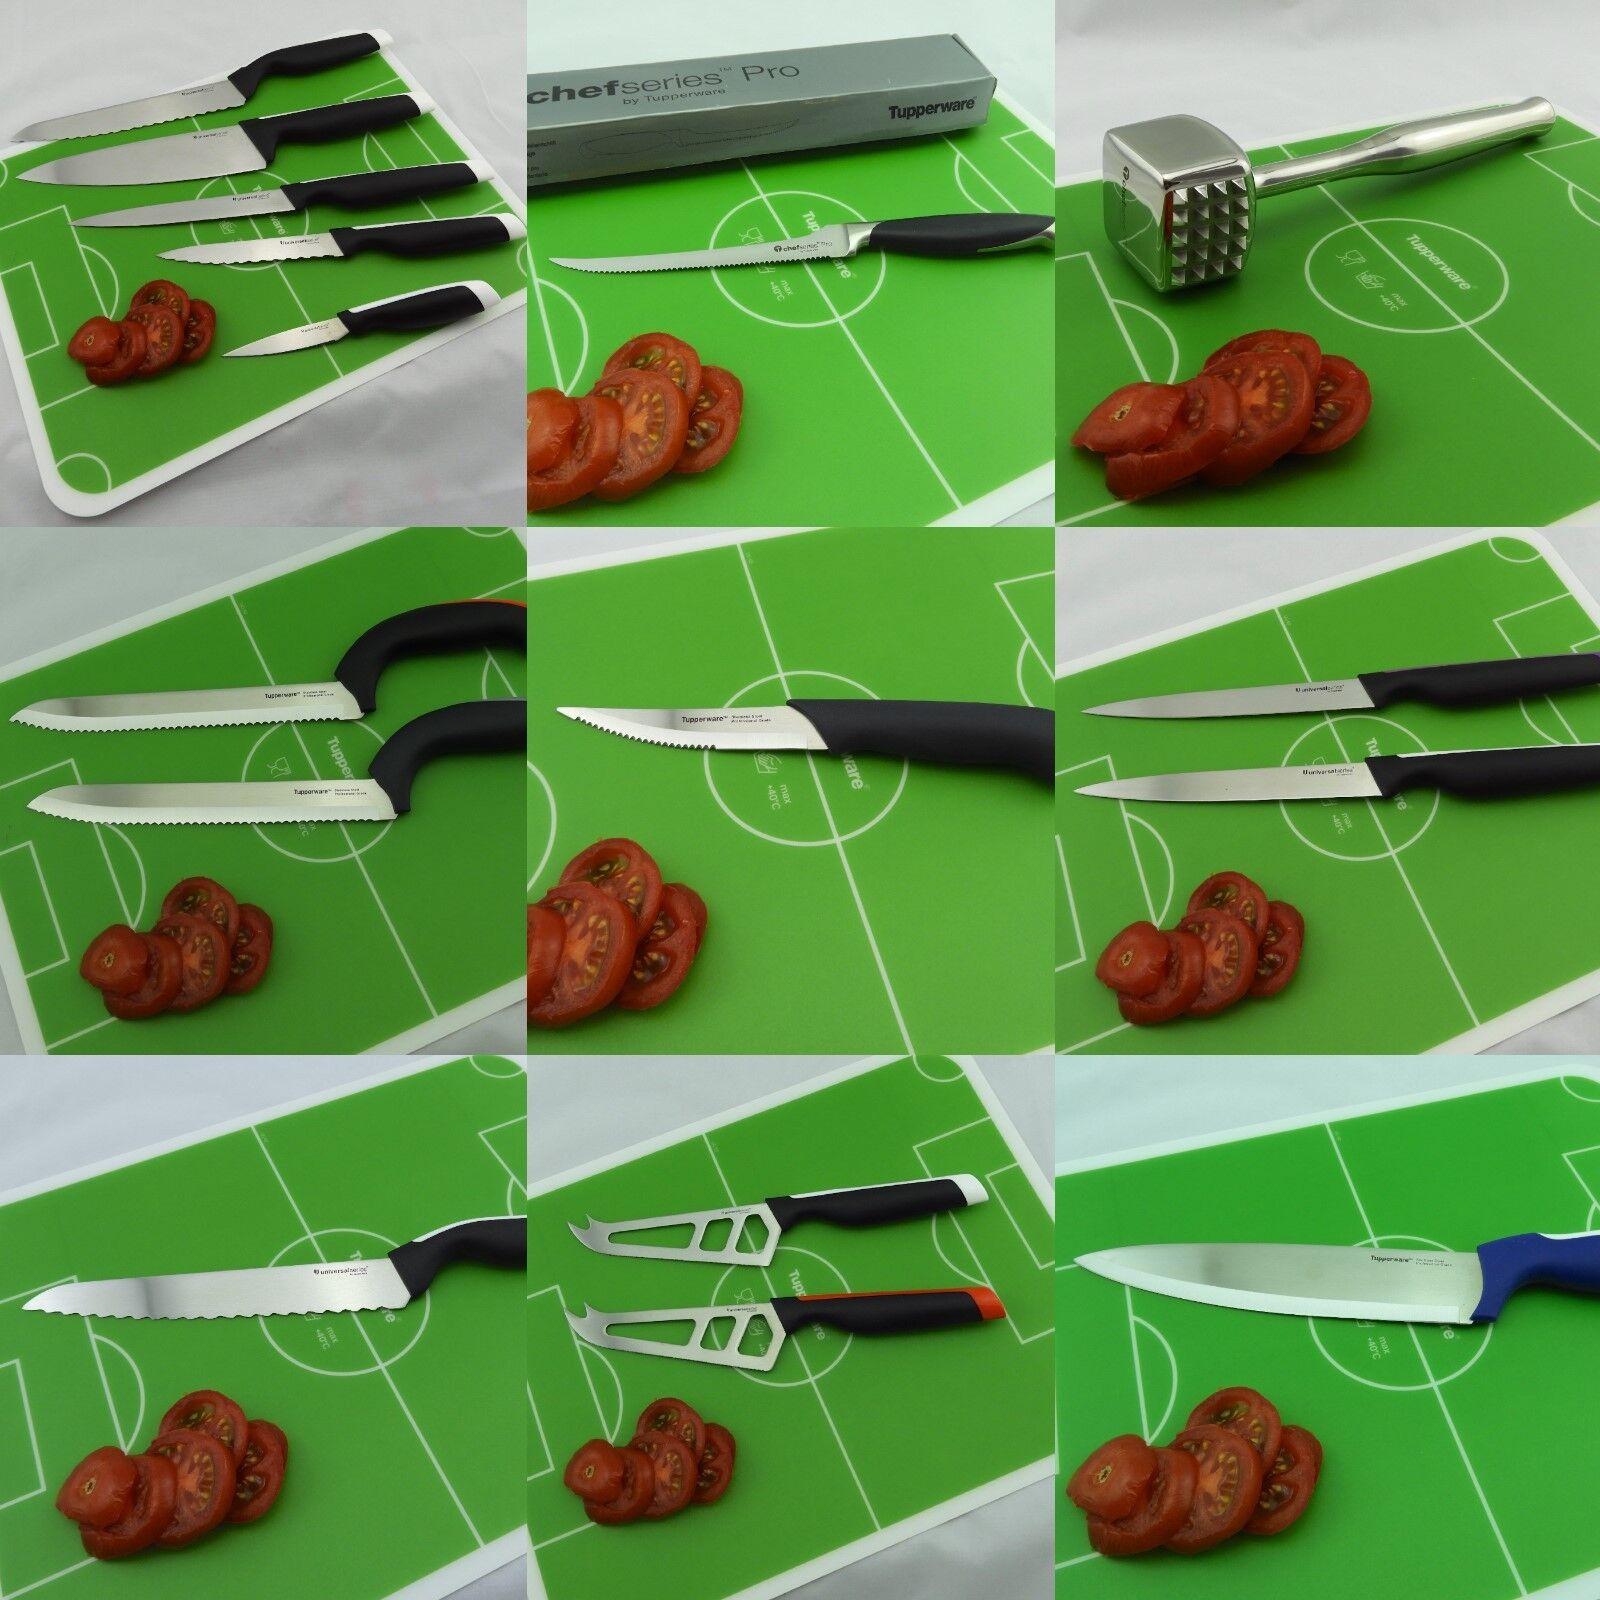 Tupperware Messer, Fleischklopfer, Grillzange und Fleischgabel